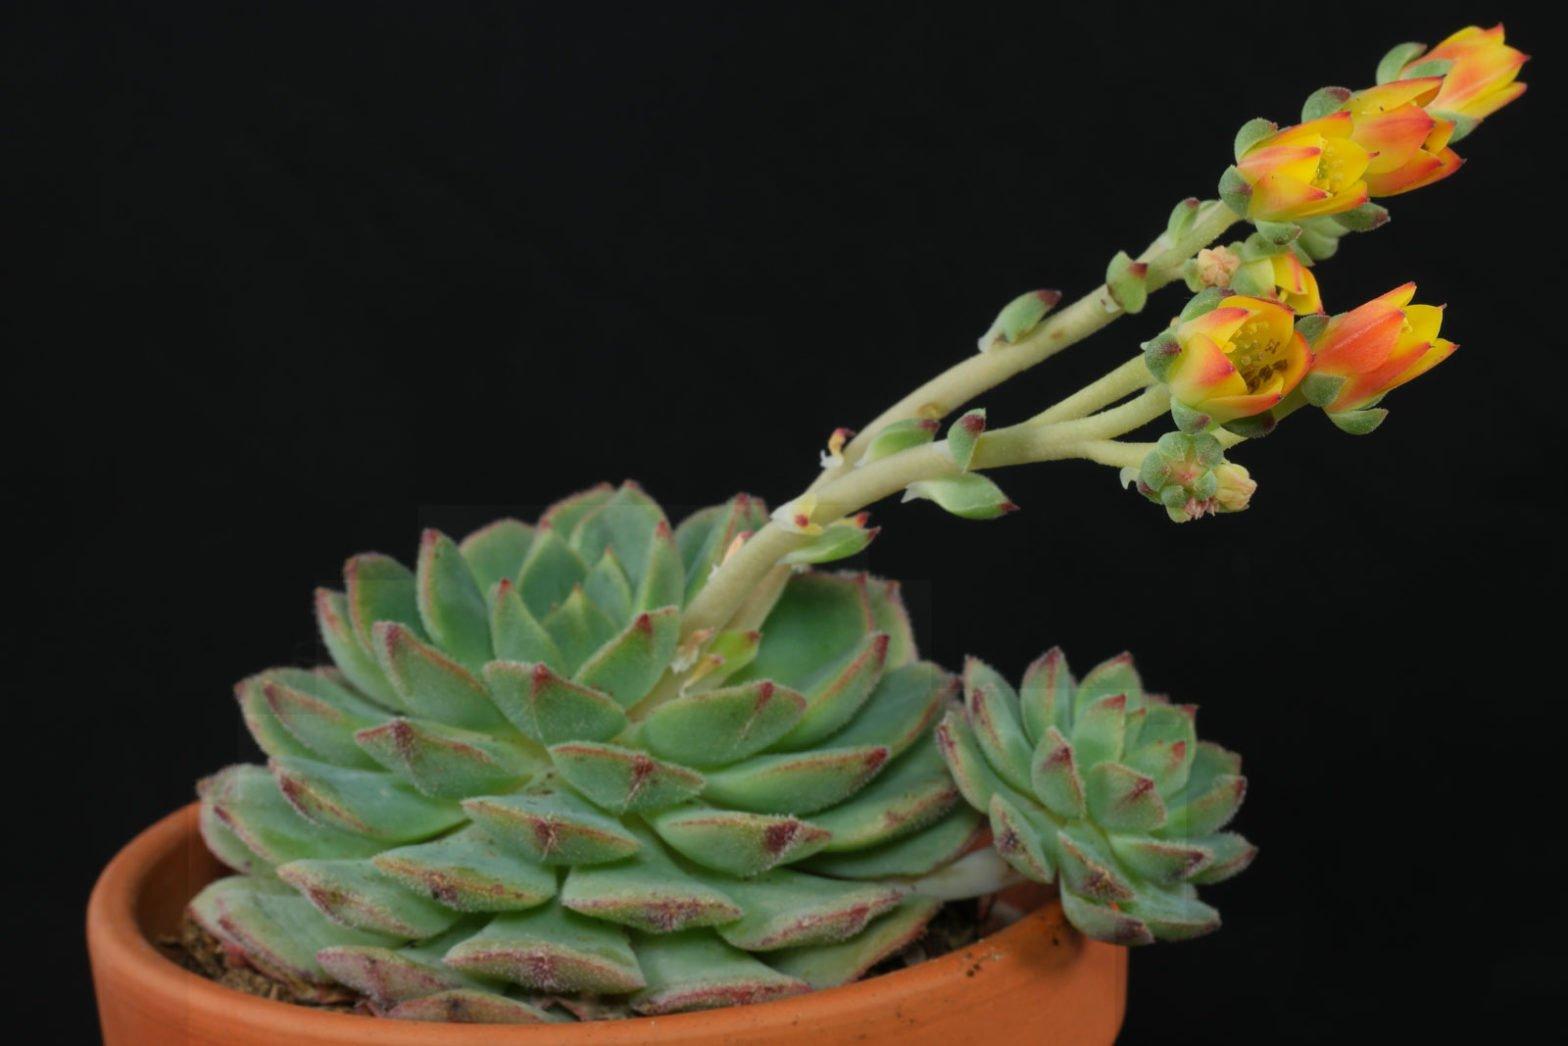 Echeveria derenbergii